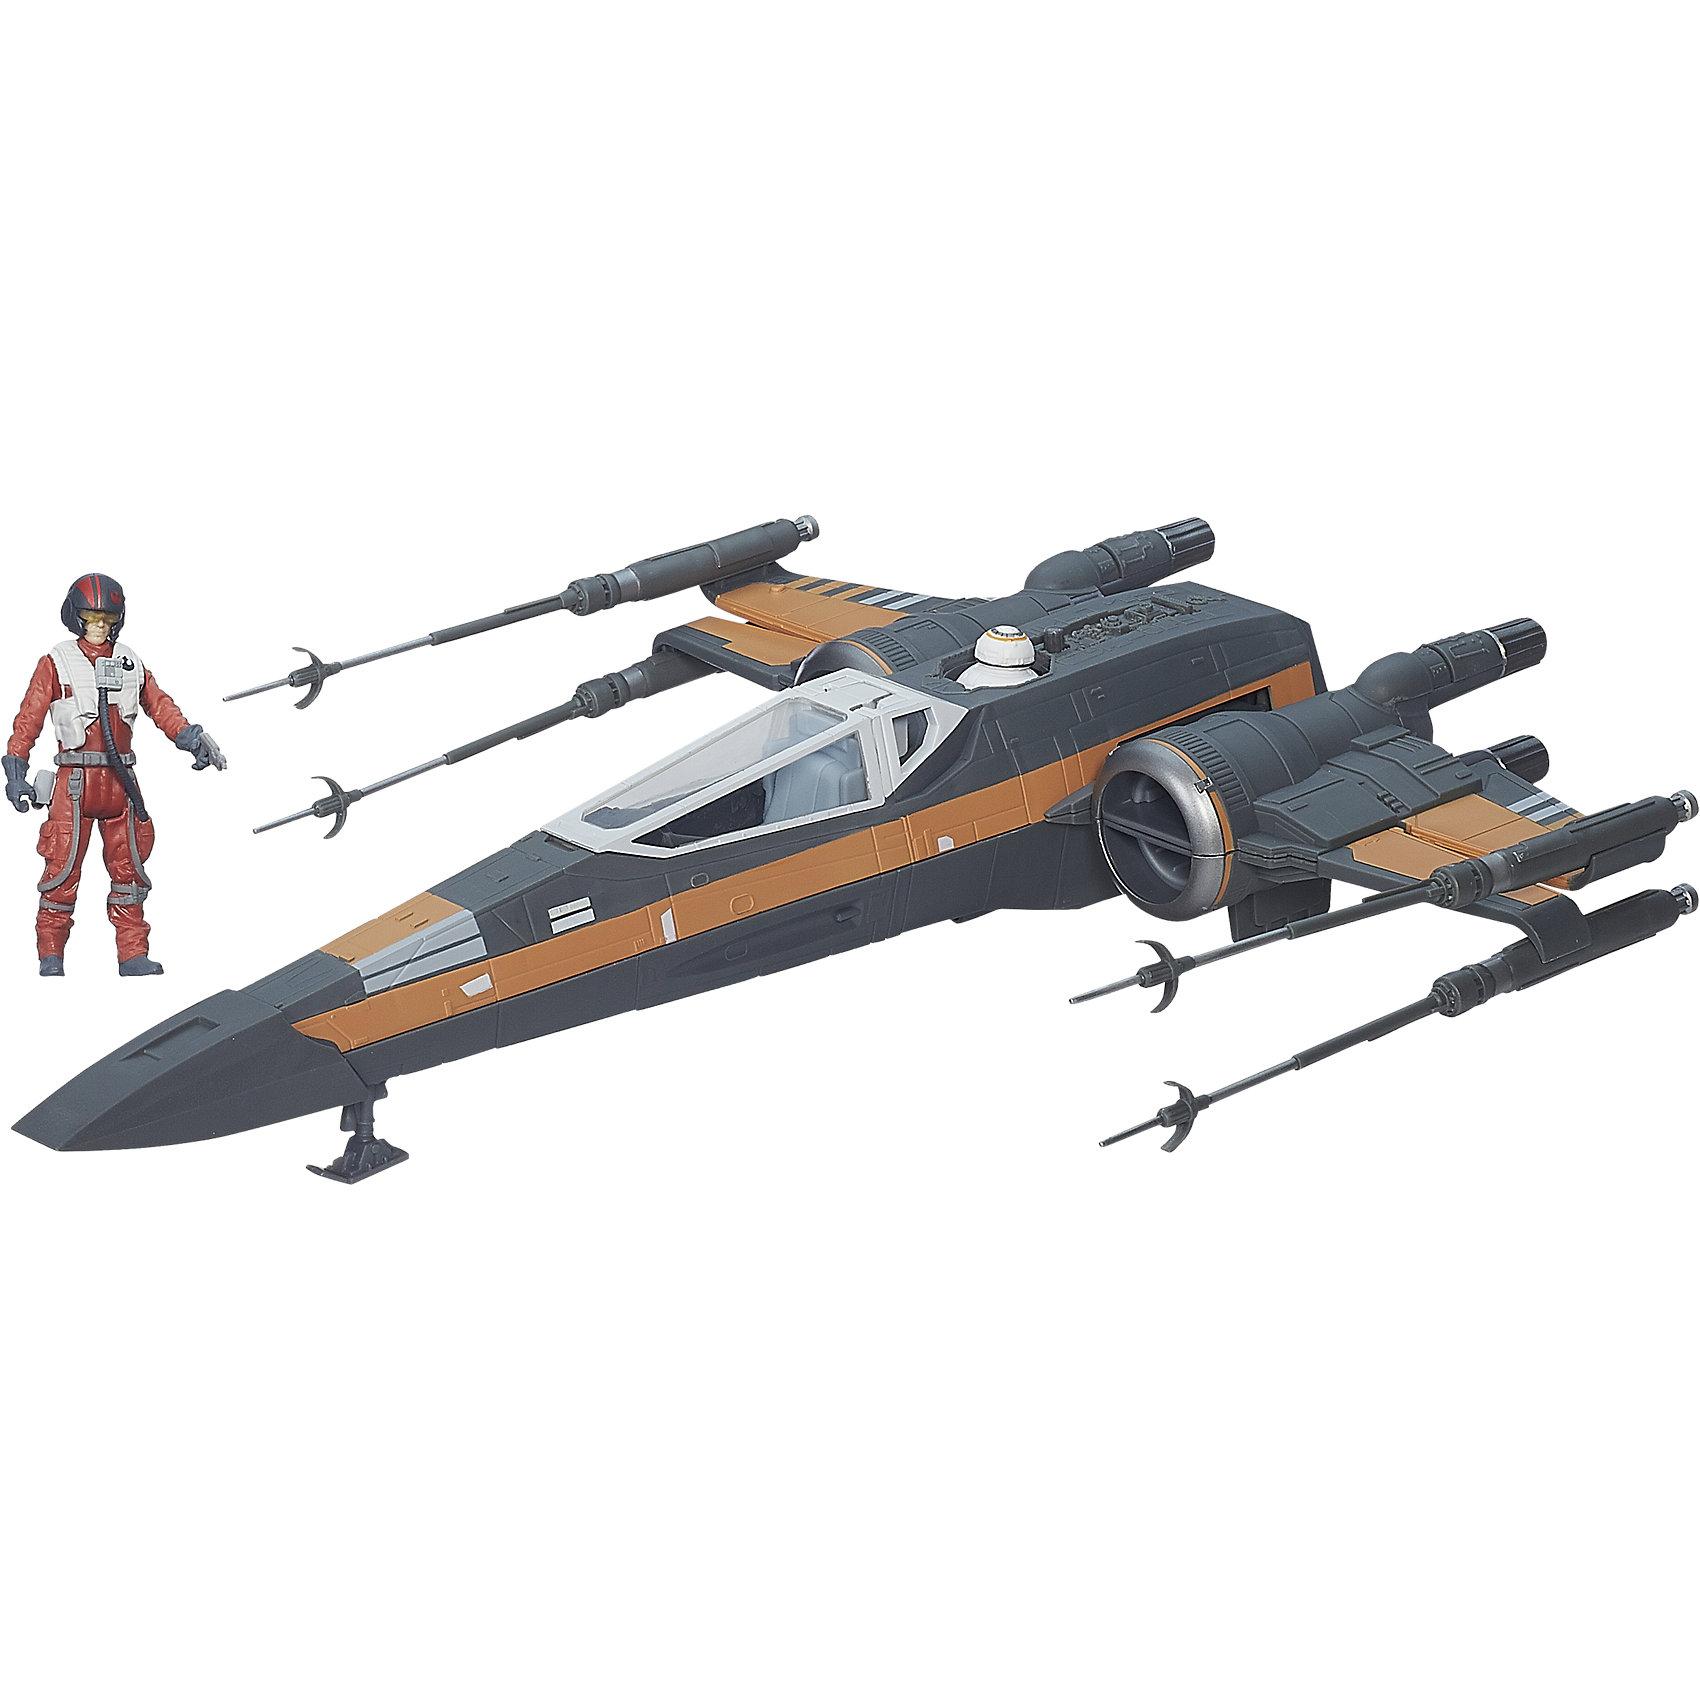 Космический корабль Класс III,  Звездные войныИгровые наборы<br>Создай свой галактический флот Звездных войн с космическим кораблем среднего размера из нового эпизода саги. Корабль представляет из себя более современную, усовершенствованную и еще более мощную модель Т-65 X-Wing – лучшего истребителя флота повстанцев. Игрушка выполнена из высококачественного пластика, прекрасно детализирована и реалистично раскрашена. Космический корабль станет замечательным подарком для все поклонников легендарной саги.<br><br>Дополнительная информация:<br><br>- Материал: пластик.<br>- Размер: 42х36 см.<br>- Высота фигурки: 9,5 см.<br>- Комплектация: истребитель, ракета, фигурка 2 аксессуара.<br>- Подвижные крылья.<br>- Функция стрельбы ракетами. <br><br>Космический корабль Класс III,  Звездные войны (Star Wars), можно купить в нашем магазине.<br><br>Ширина мм: 433<br>Глубина мм: 360<br>Высота мм: 86<br>Вес г: 832<br>Возраст от месяцев: 48<br>Возраст до месяцев: 96<br>Пол: Мужской<br>Возраст: Детский<br>SKU: 4079485